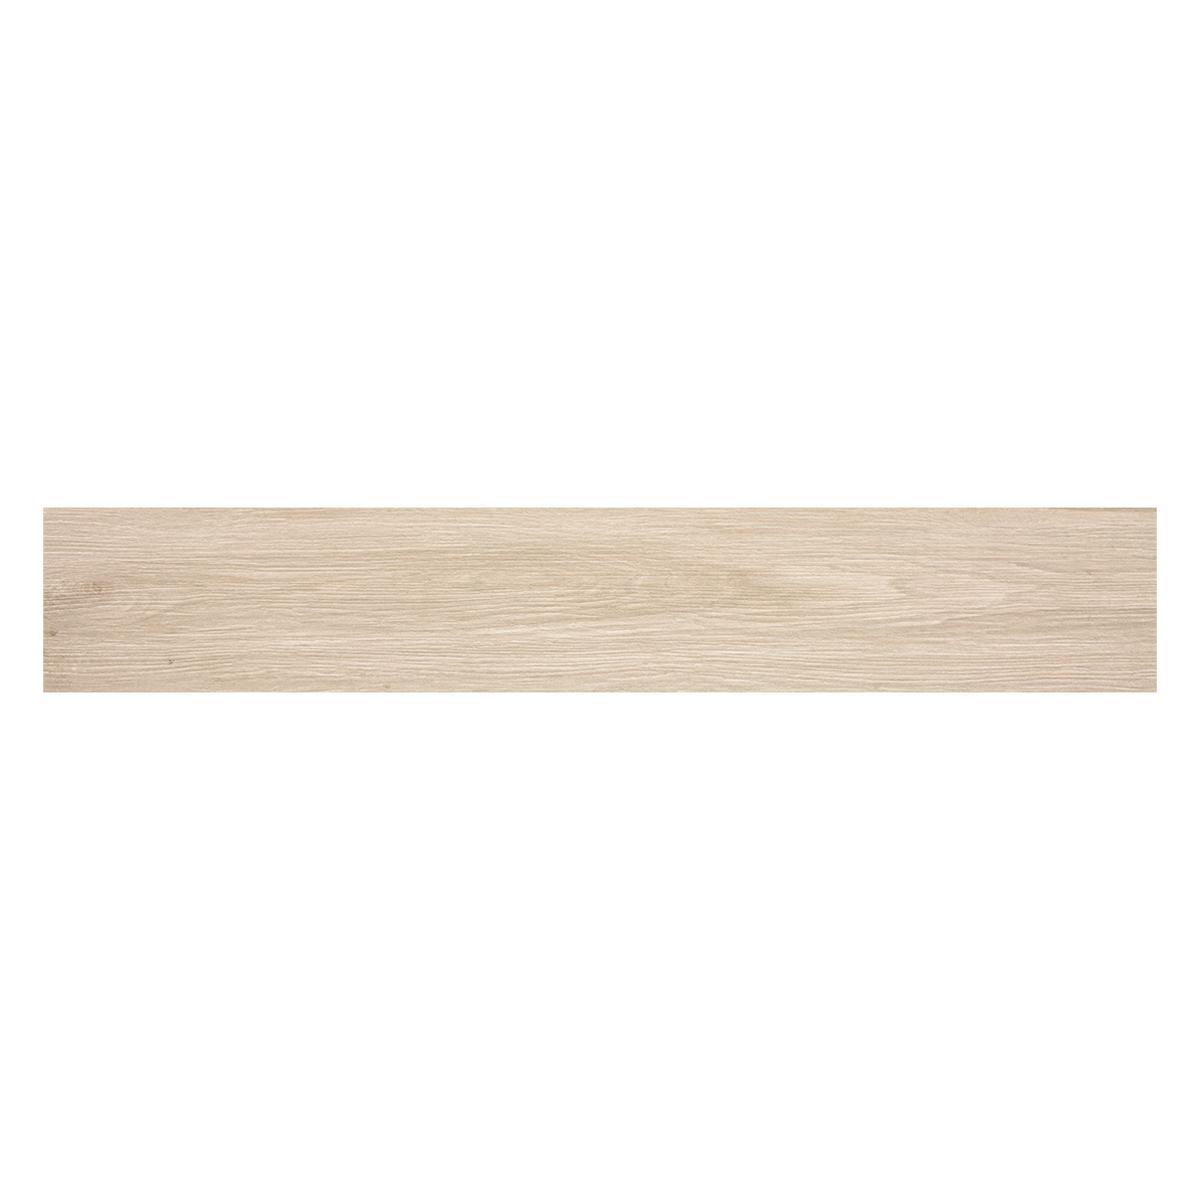 Porcelanato Sande Gris Mate - 15X90 cm - 1.35 m2